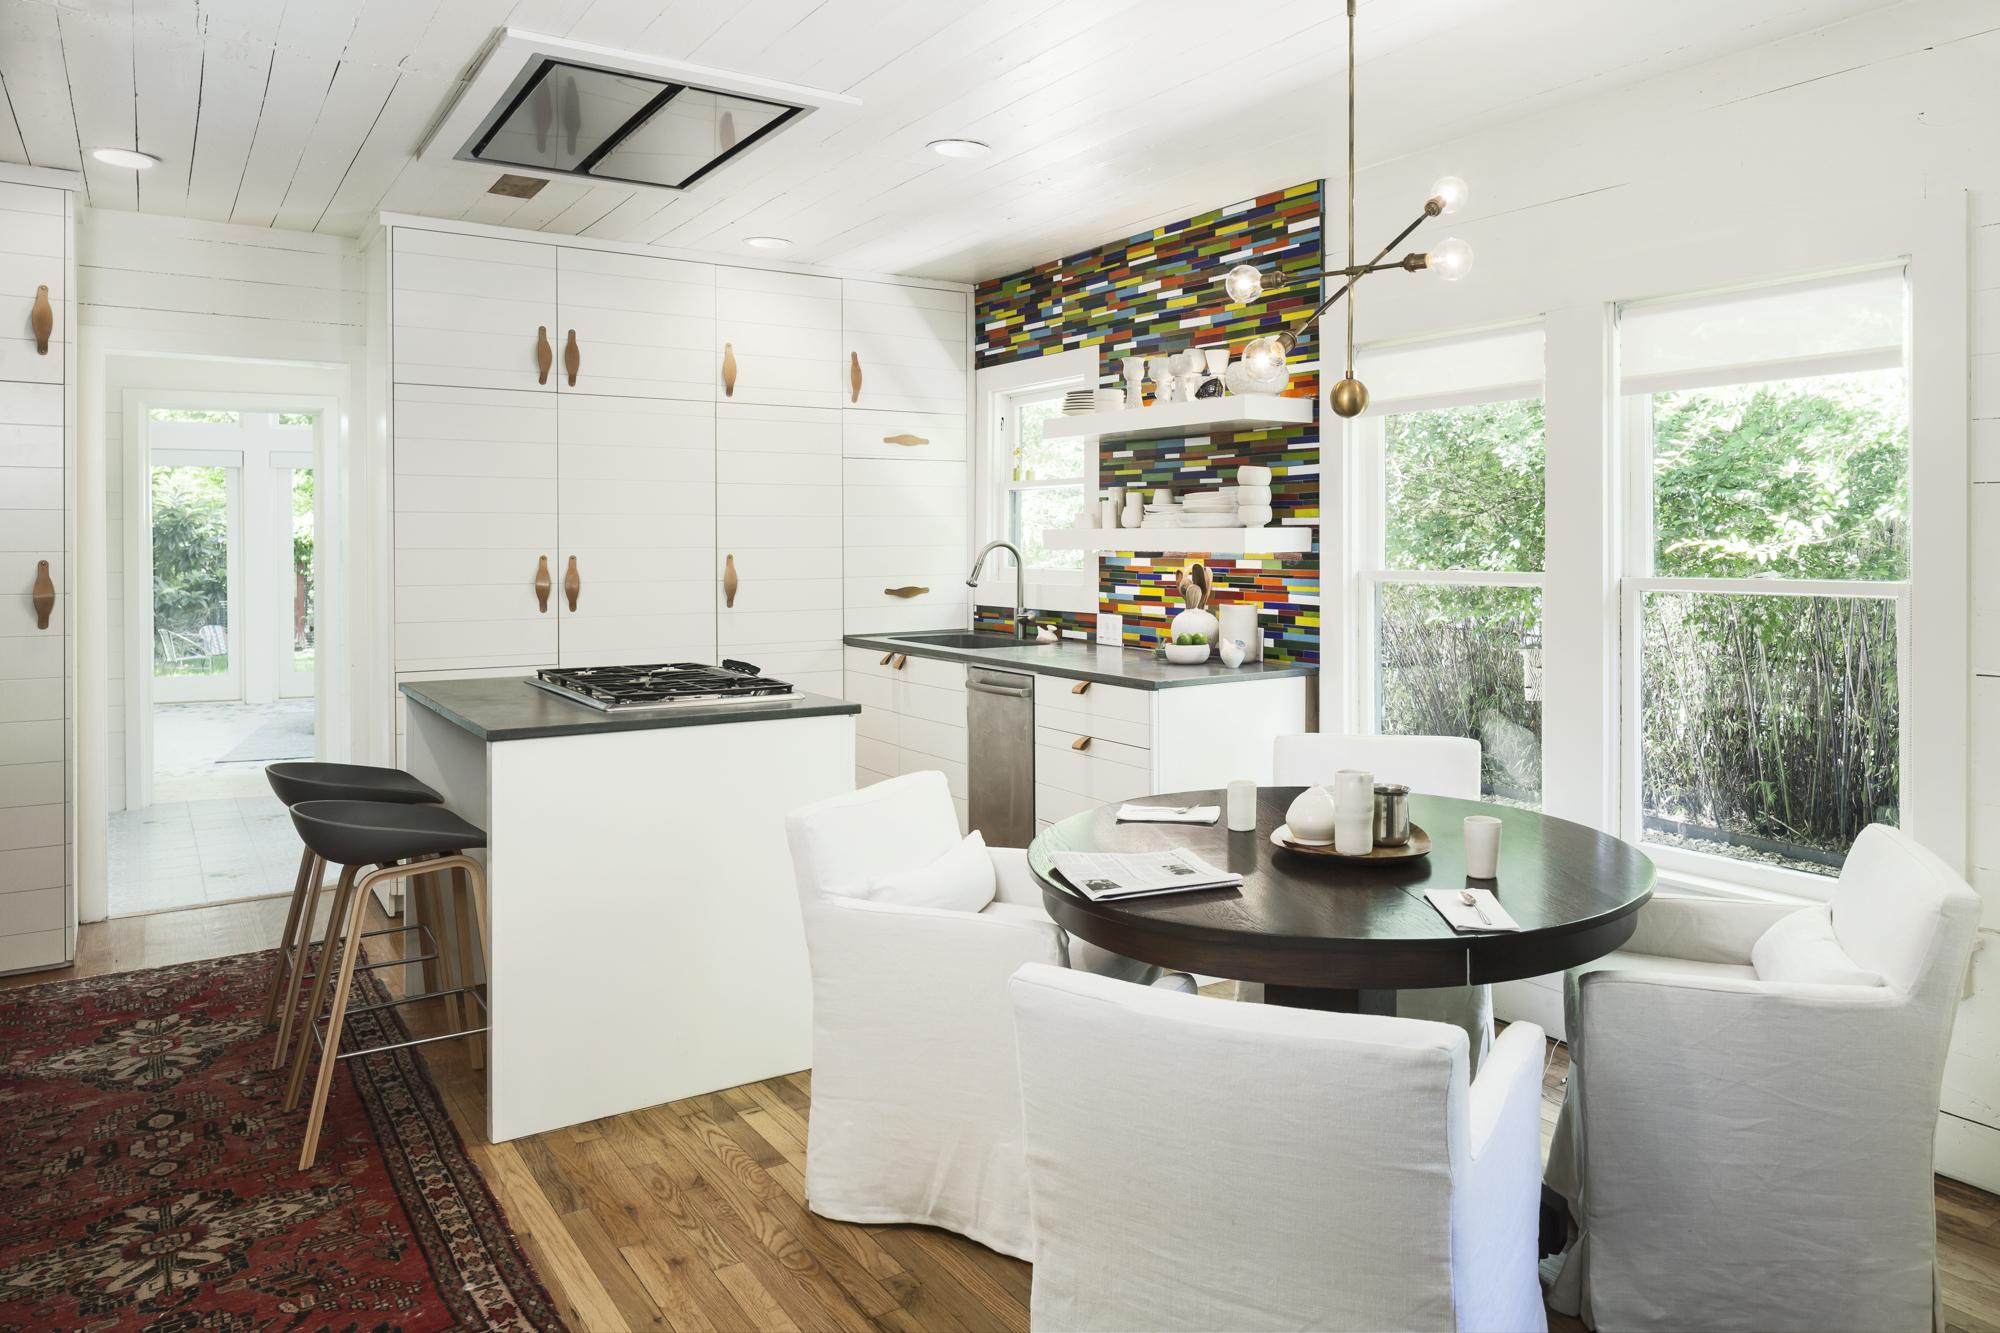 Elizabeth-Baird-Architecture-Annie Street-kitchen and dining.jpg